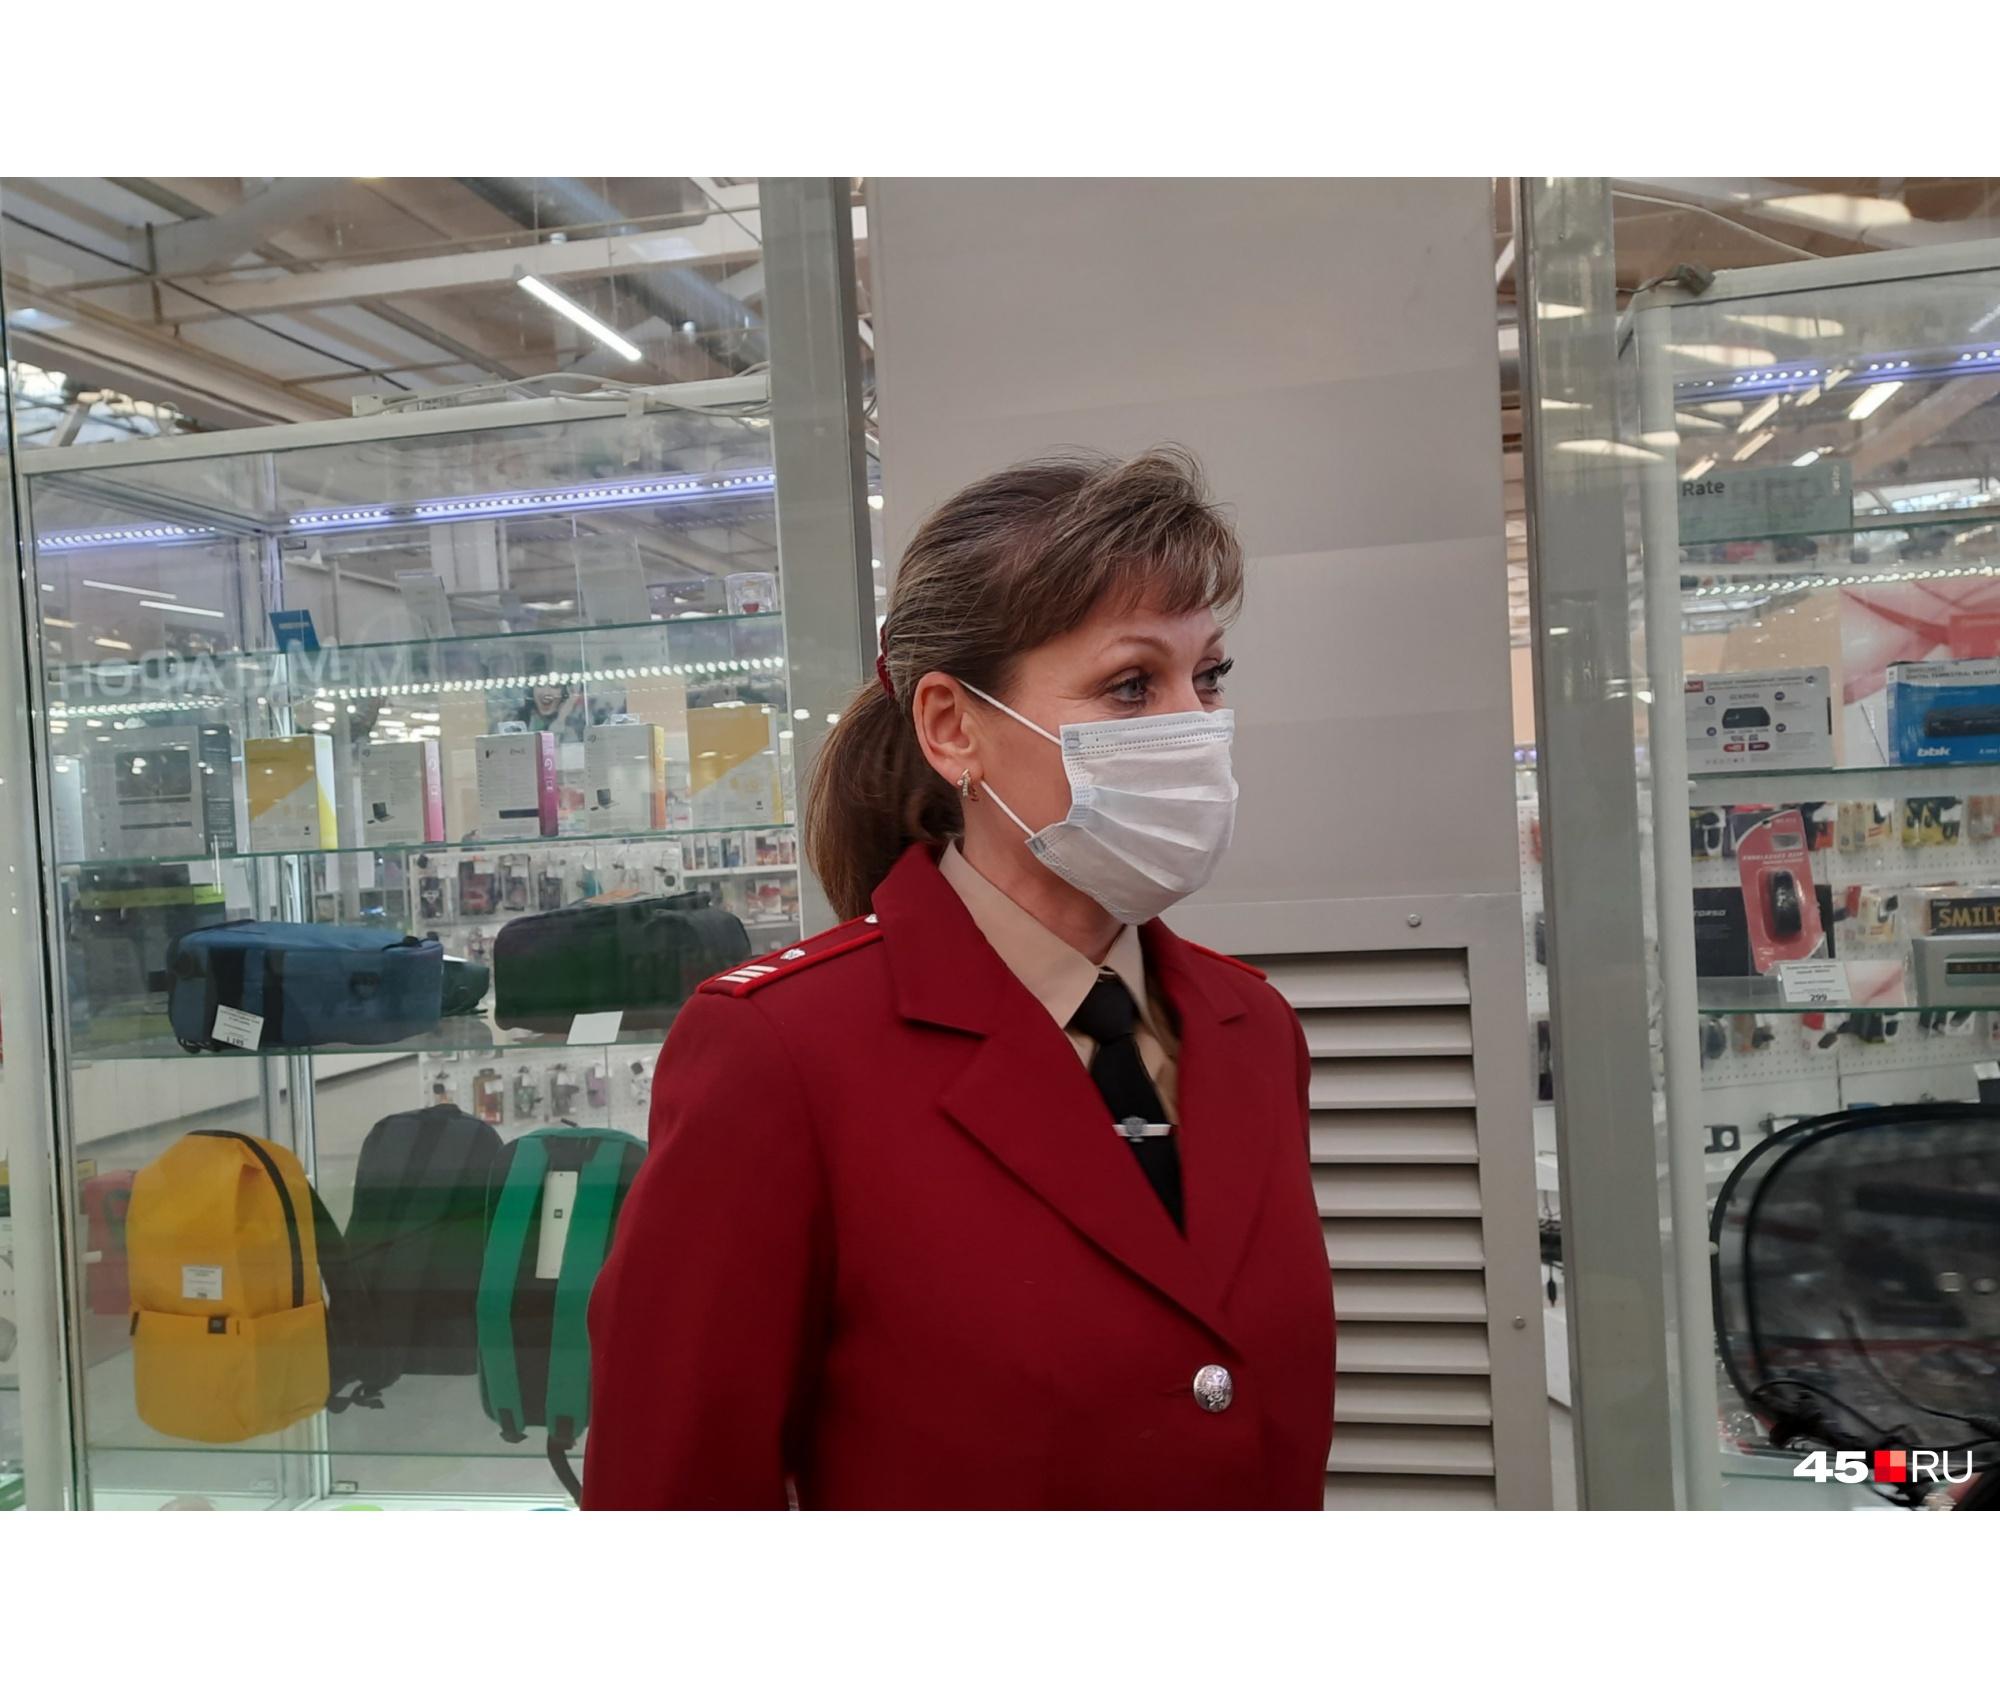 По словам Юлии Шастовой, в общественных местах Зауралья выявляют нарушения относительно мер профилактики COVID-19